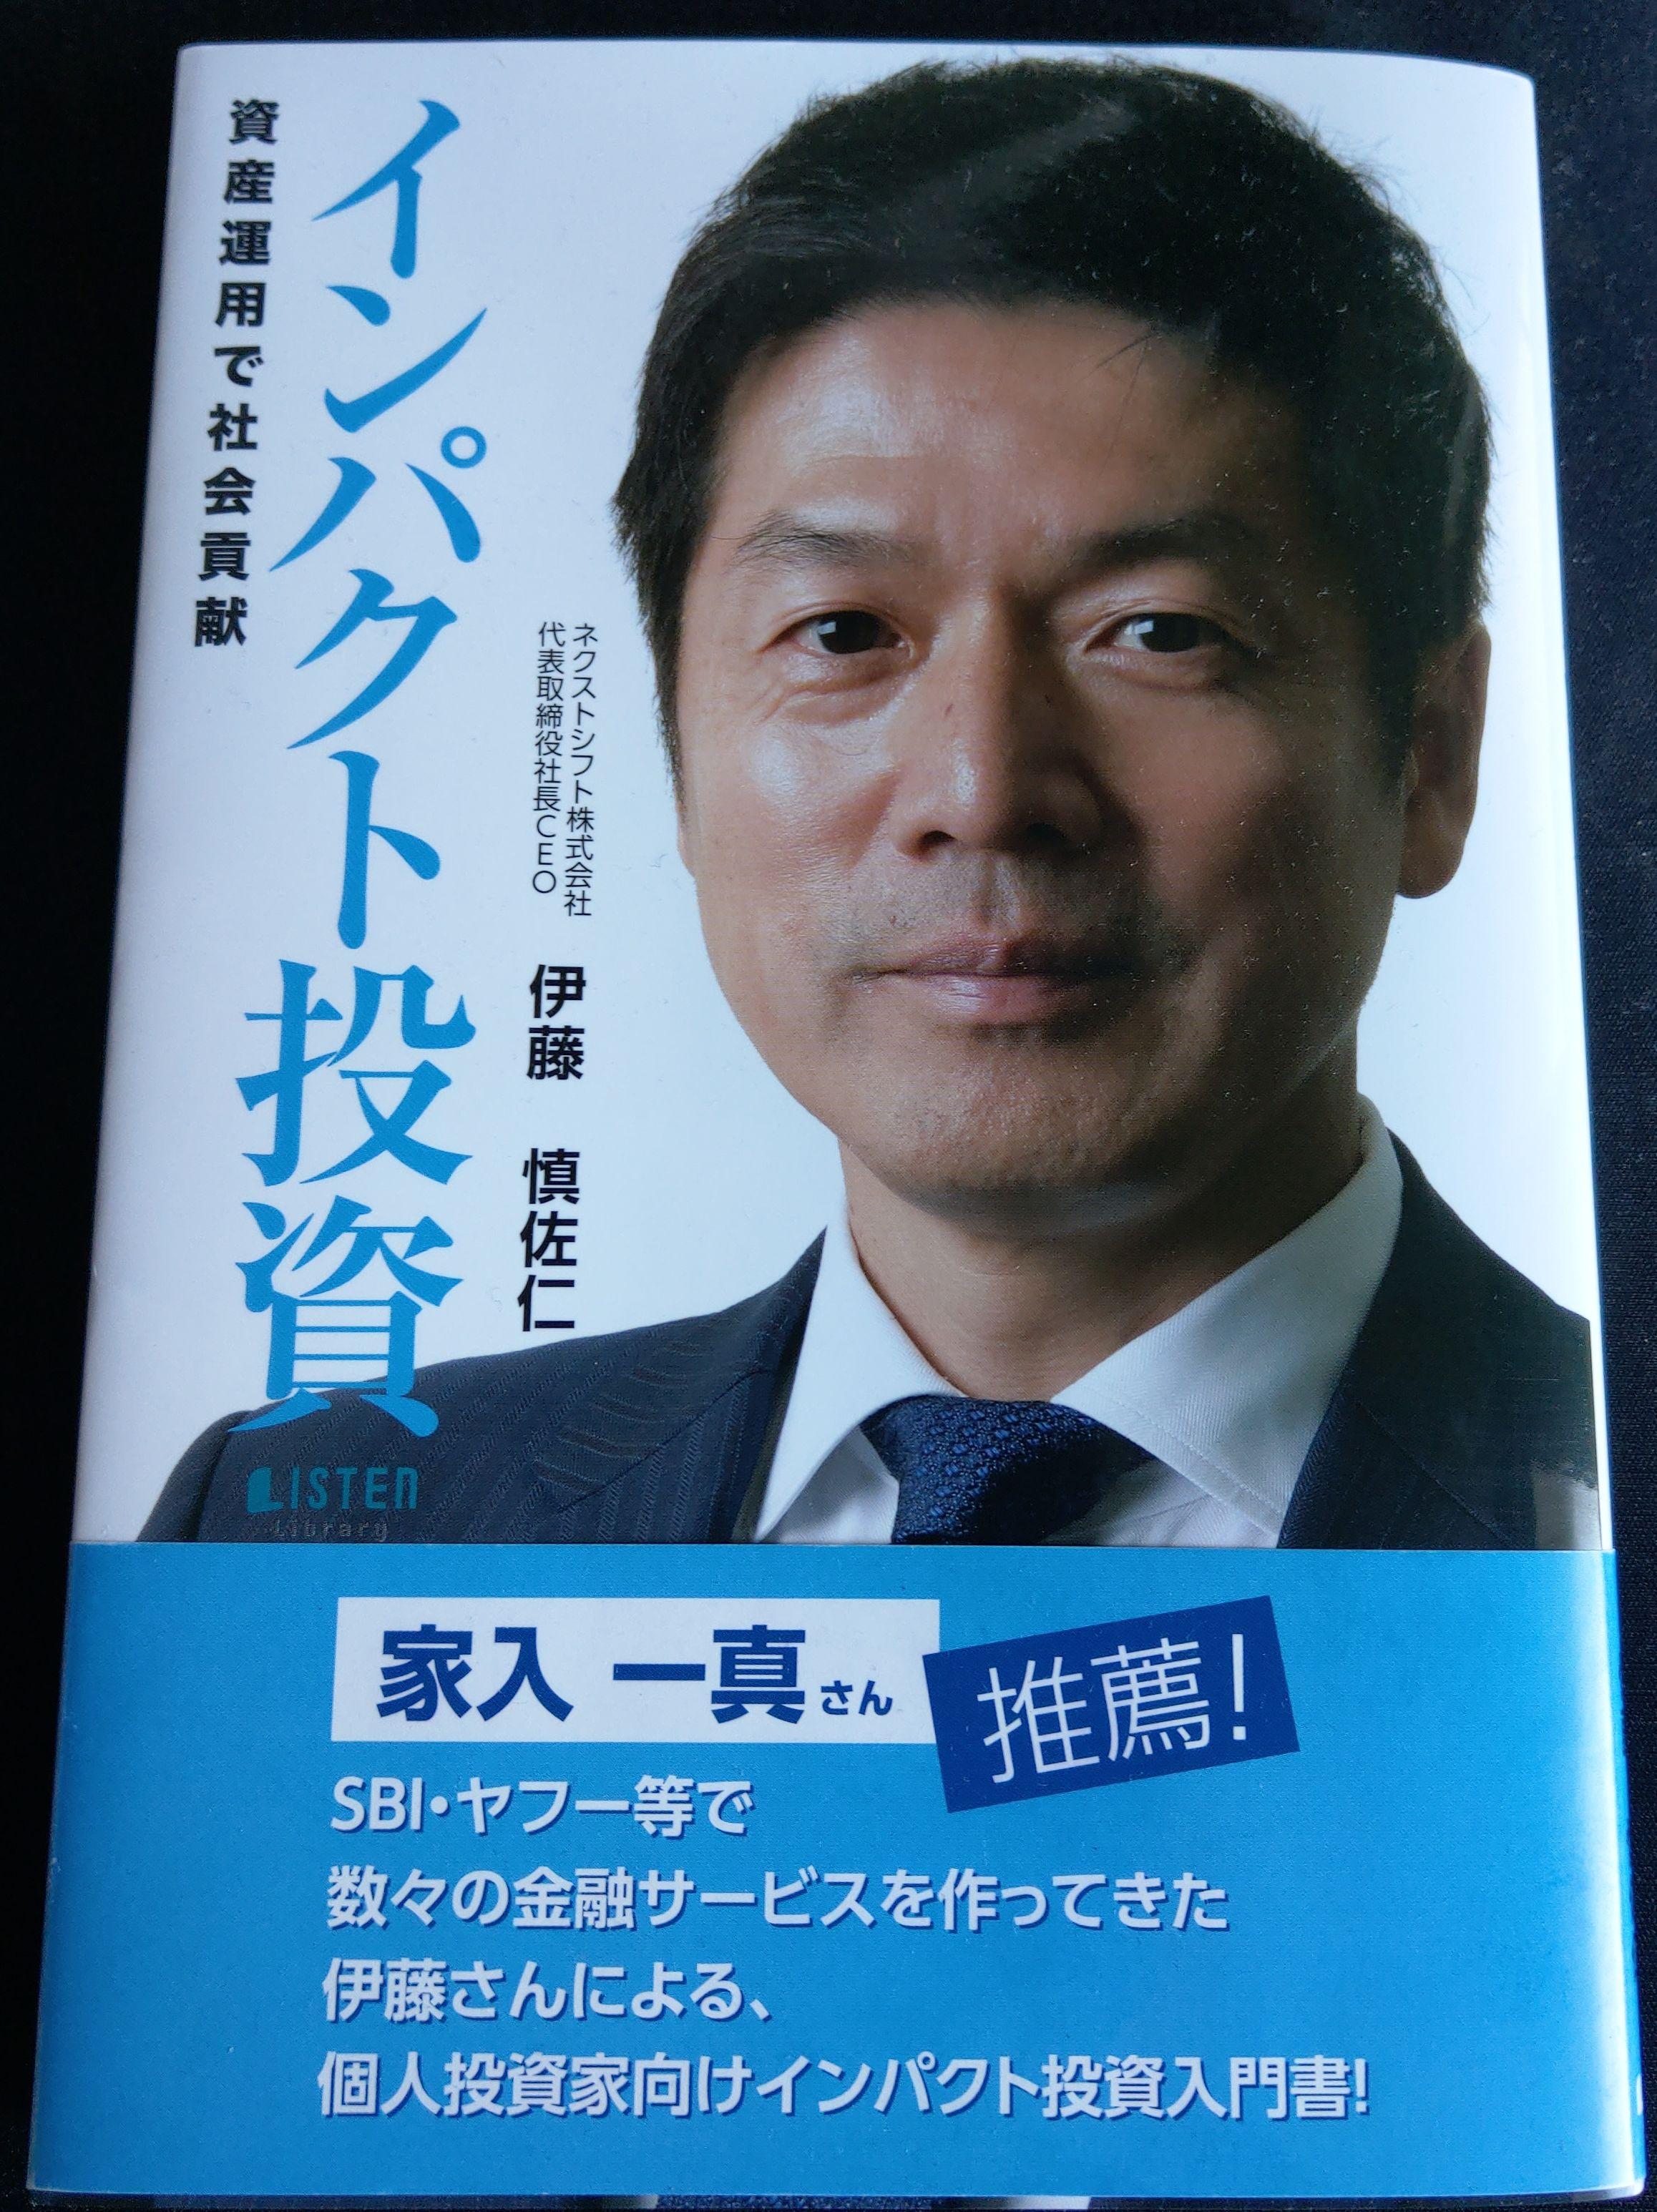 伊藤慎佐仁CEO_インパクト投資 資産運用で社会貢献01